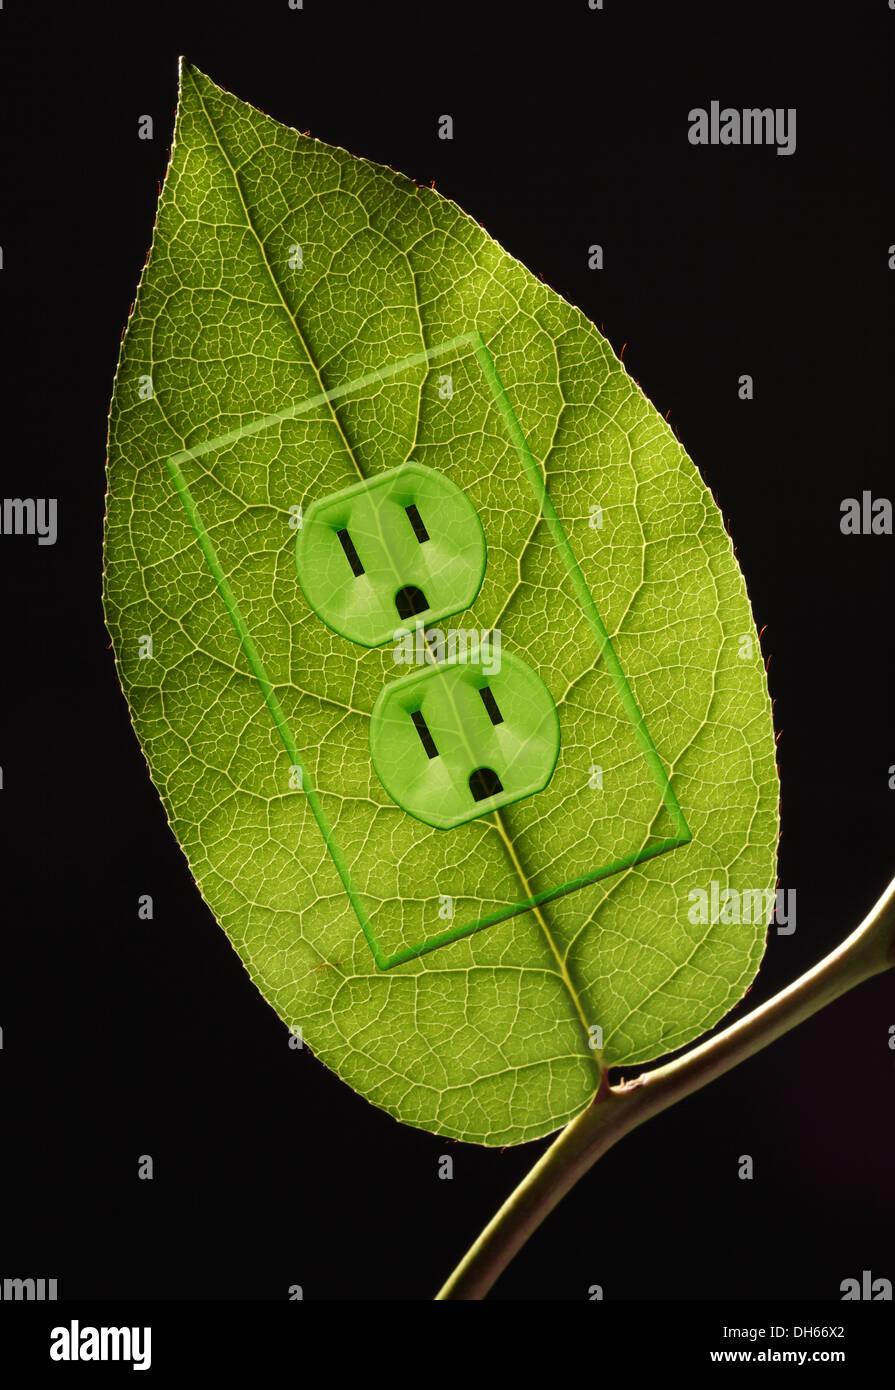 Une plante verte feuille sur une branche avec des prises électriques de couleur verte ajouté. Fond noir Photo Stock